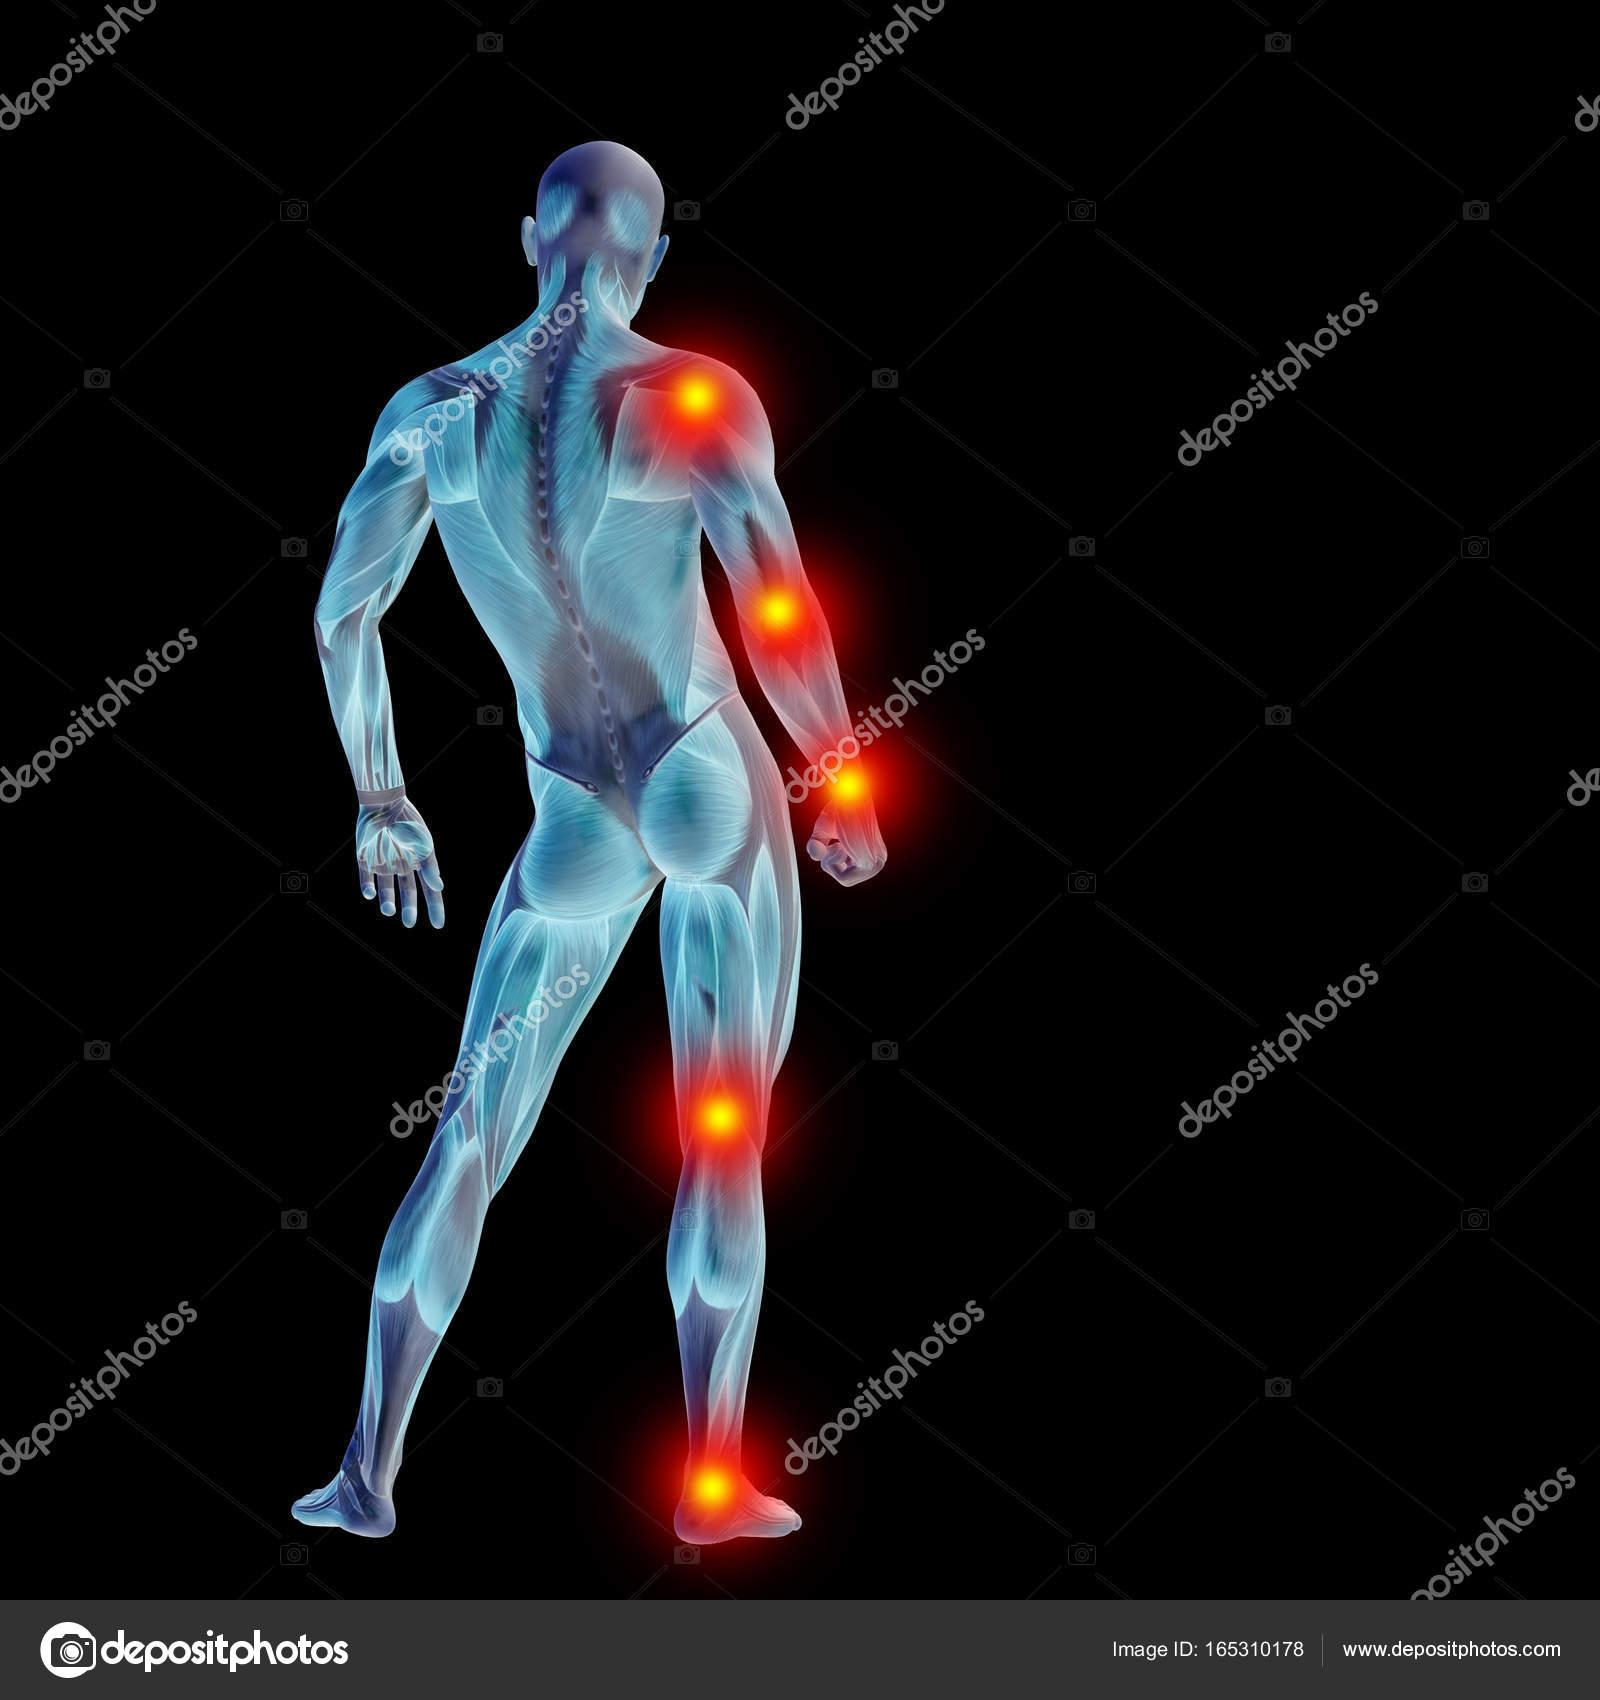 Alta resolución concepto conceptual 3d anatomía humana cuerpo con ...